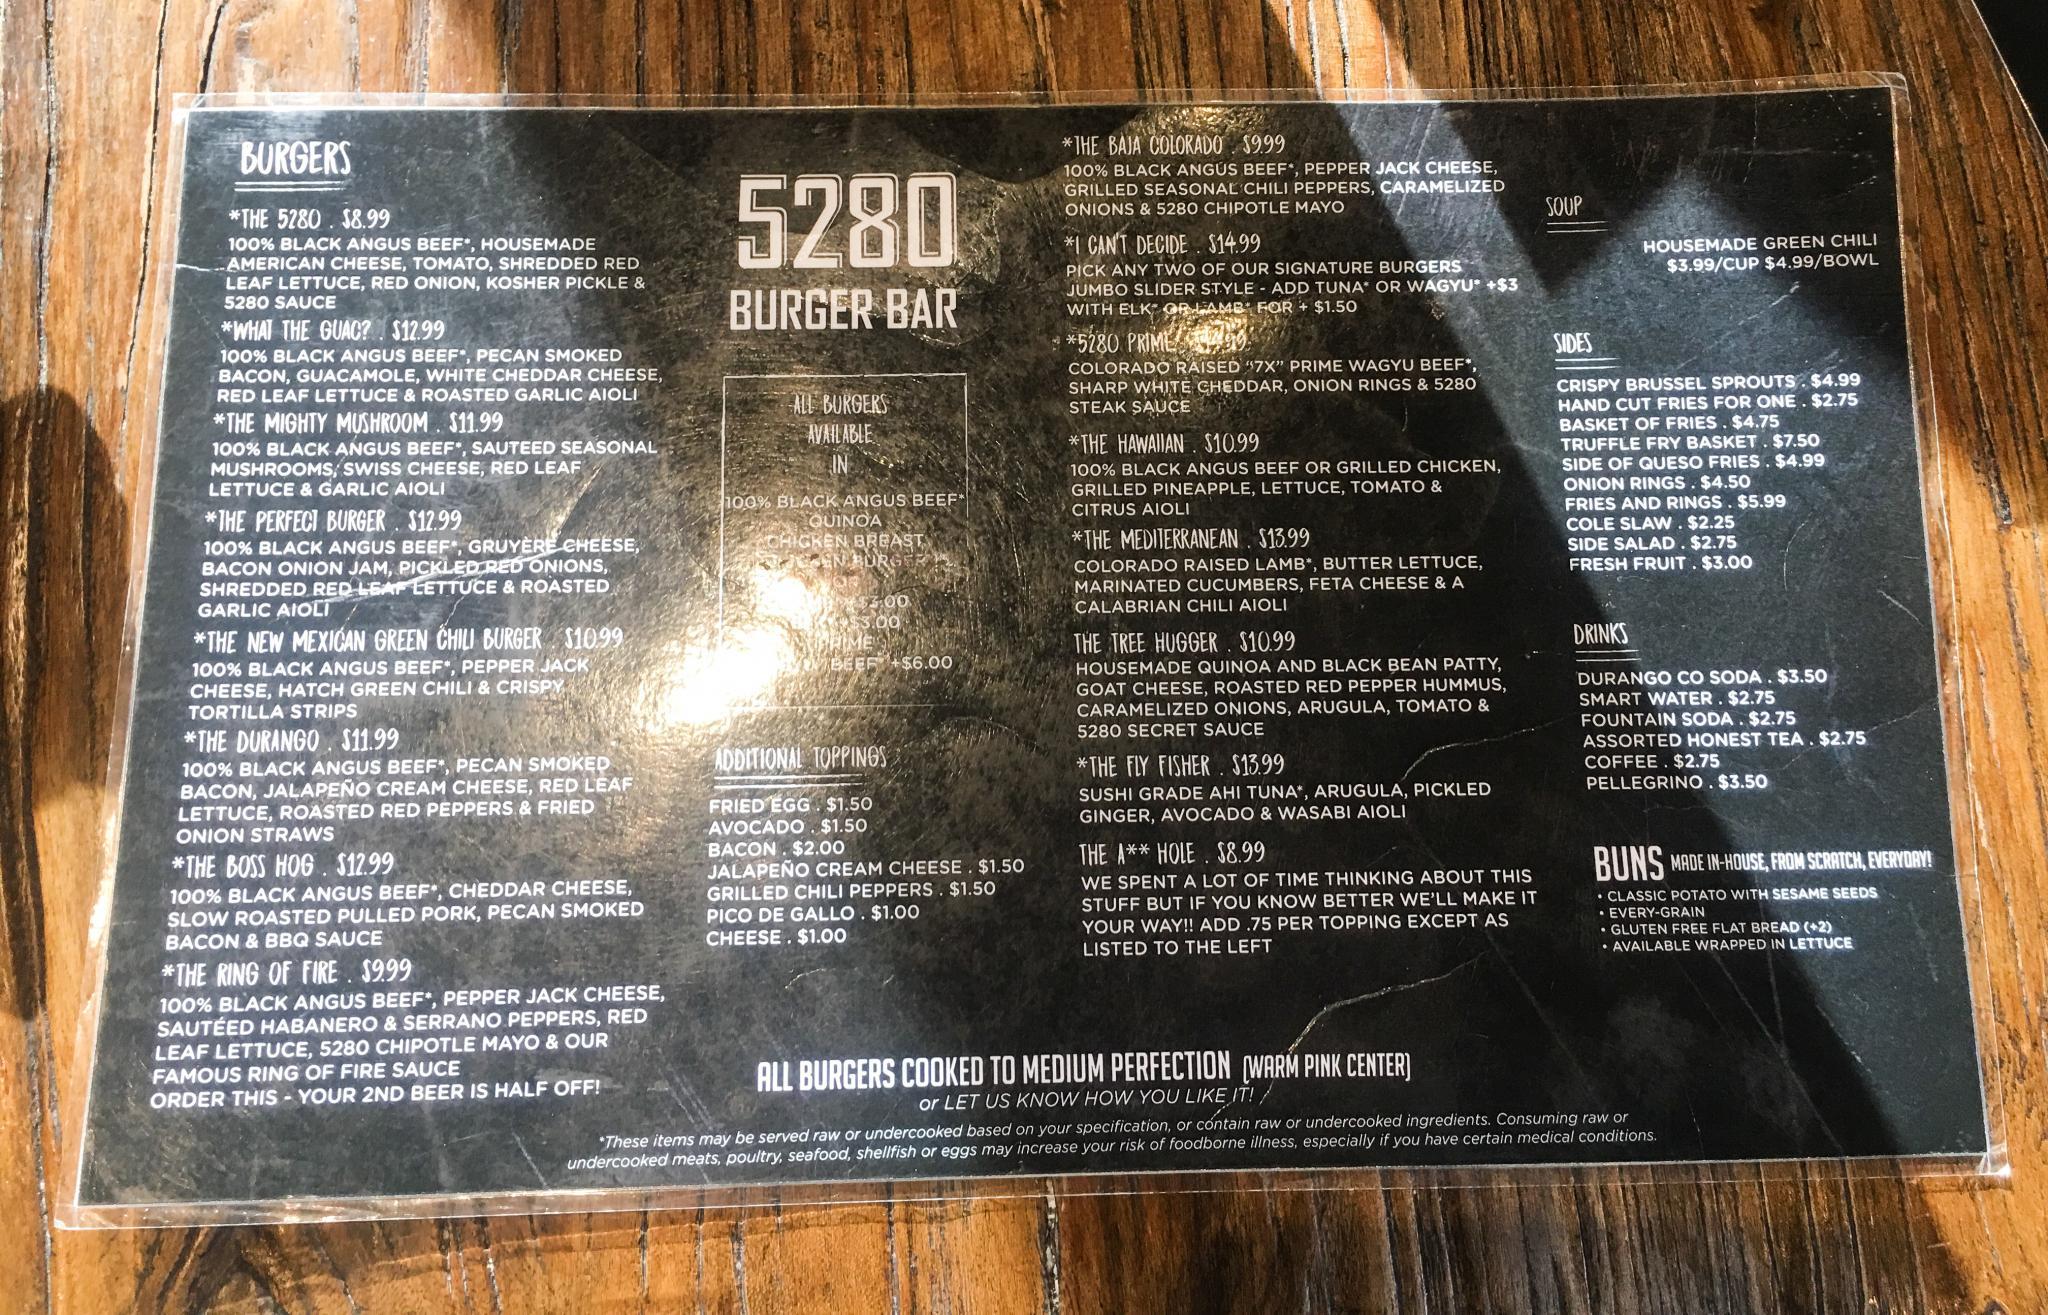 Menu at the 5280 Burger Bar